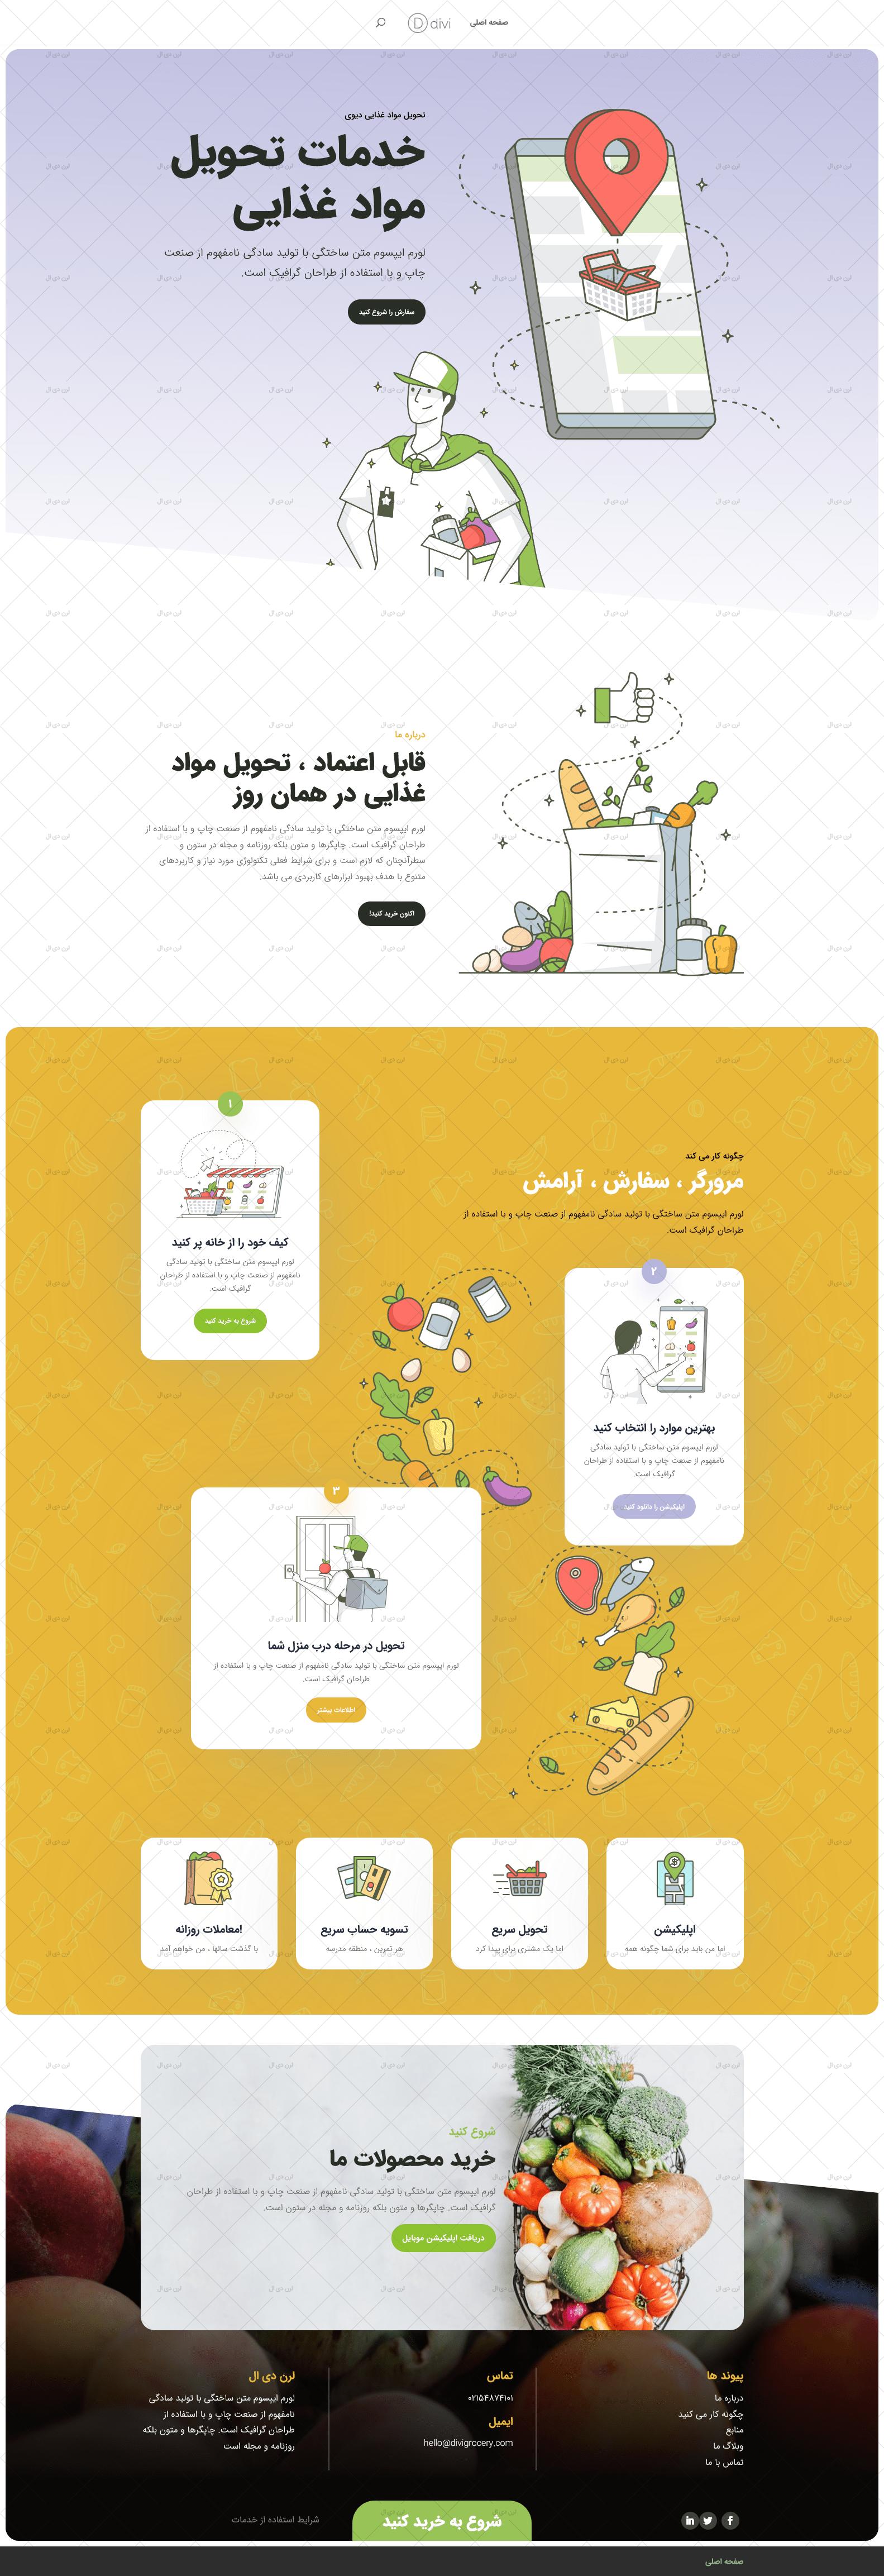 دمو فارسی سایت فروش مواد غذایی برای وردپرس